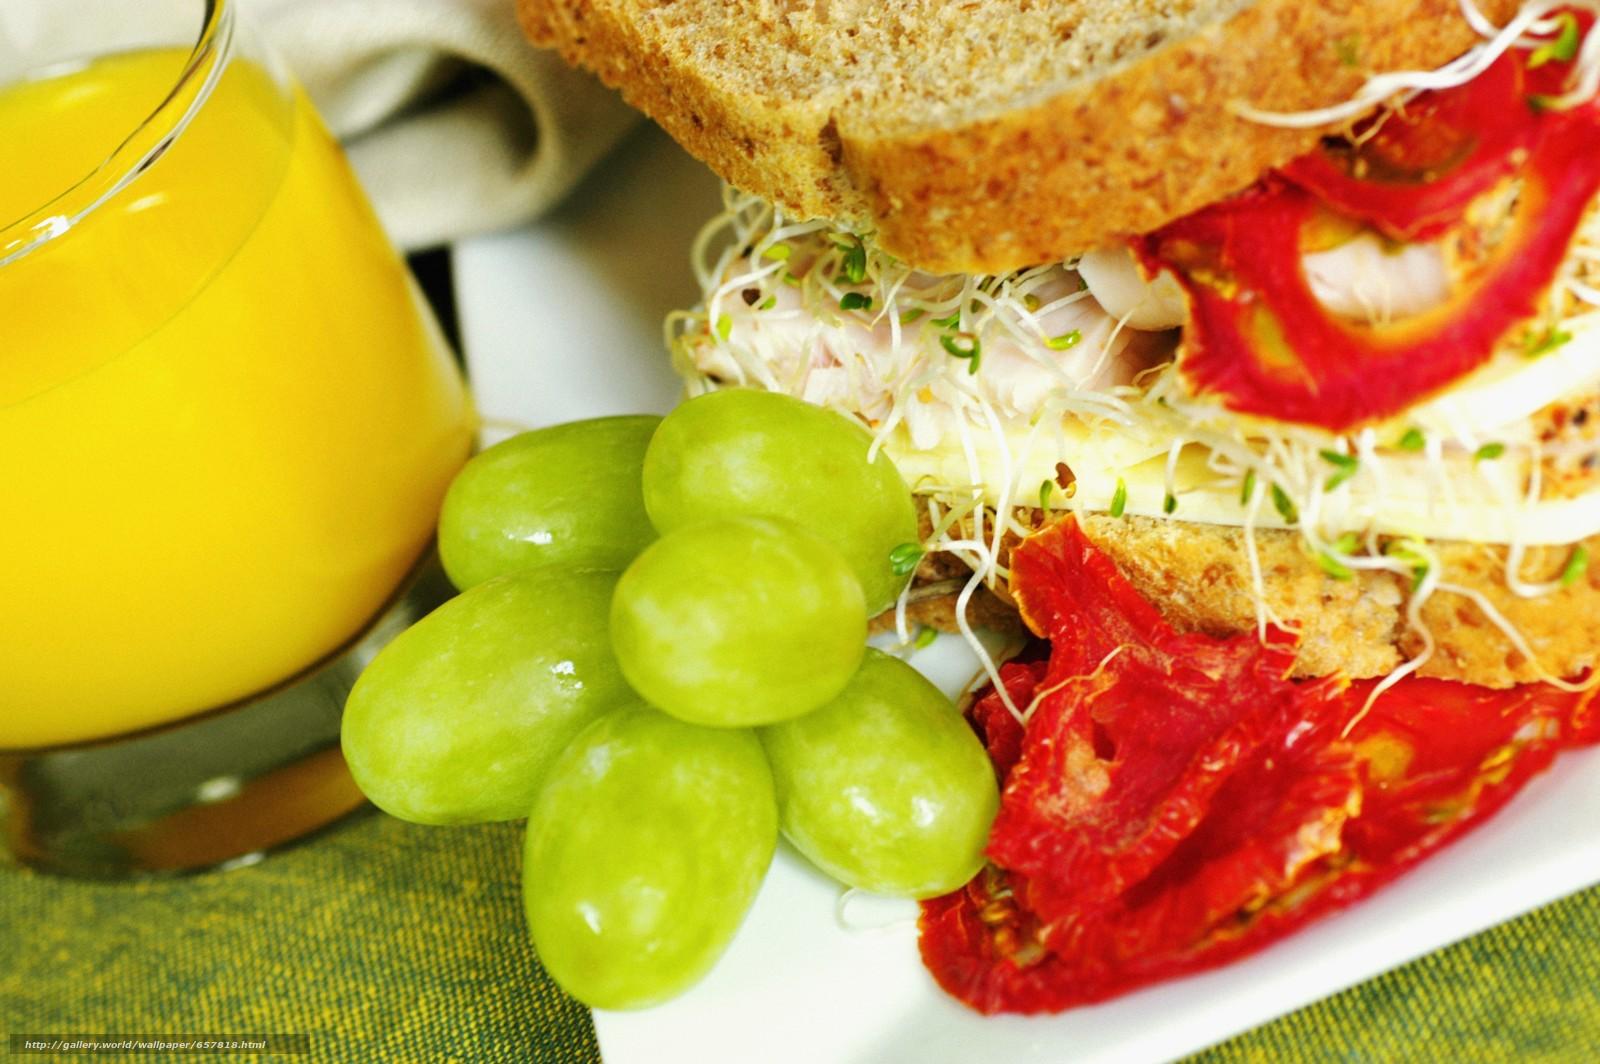 Скачать обои еда,  продукты питания,  кулинария,  пища бесплатно для рабочего стола в разрешении 5099x3390 — картинка №657818